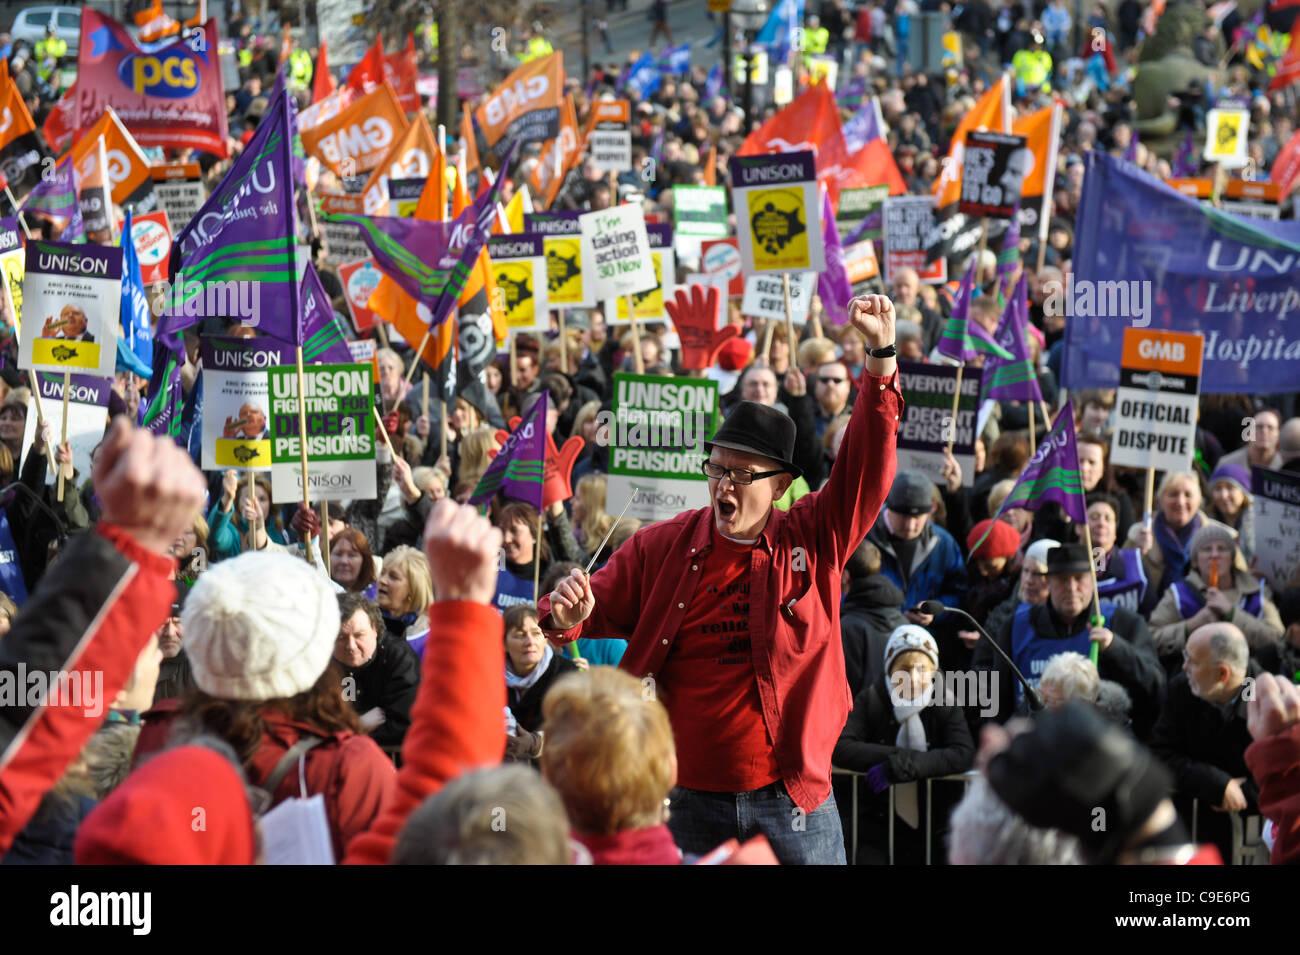 Liverpool, Reino Unido. 30 Nov, 2011. Sector público huelguistas rally en St George's Hall de Liverpool. Imagen De Stock